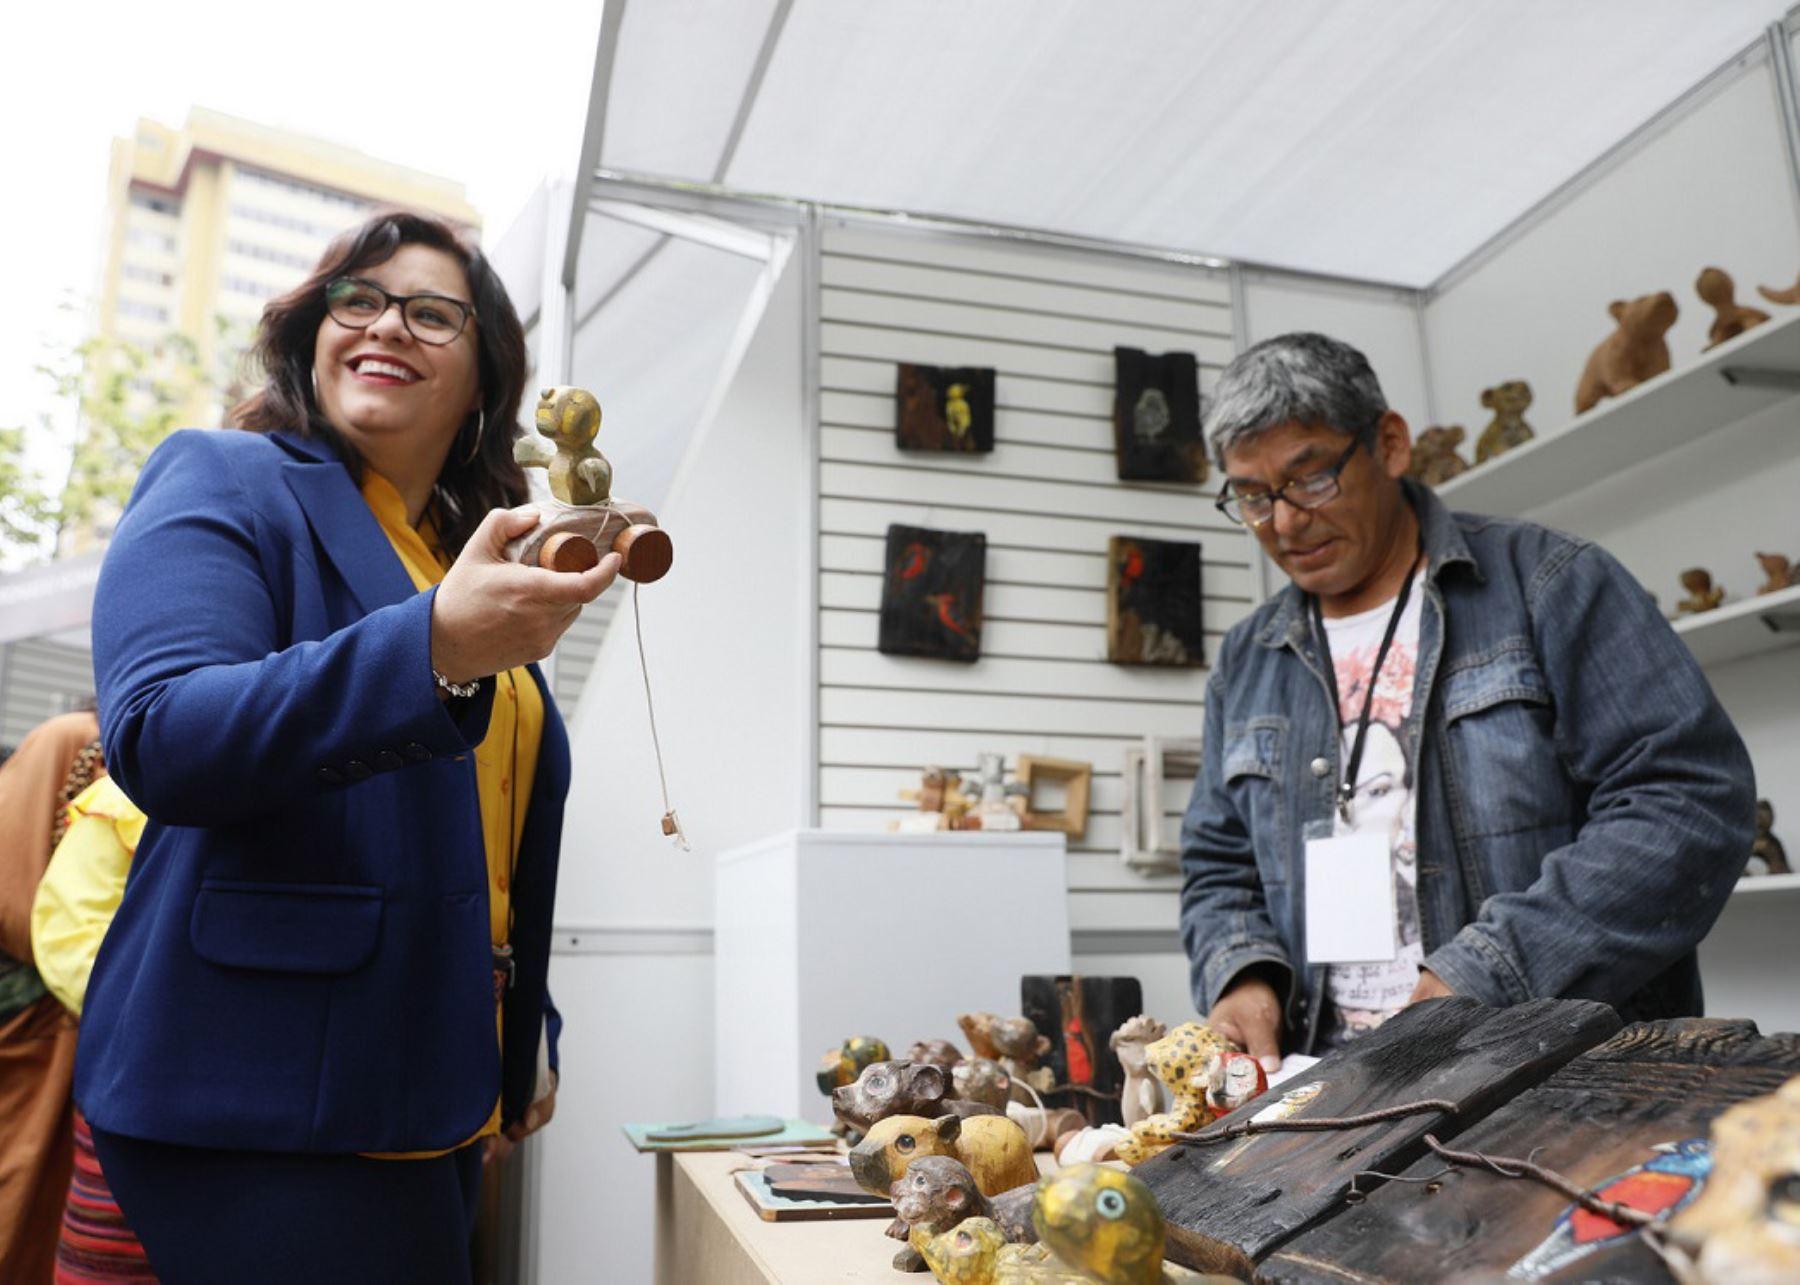 Primera Dama, Maribel Díaz, participó en inauguración de Feria Arte Nativa en Miraflores. Foto: Mincetur.